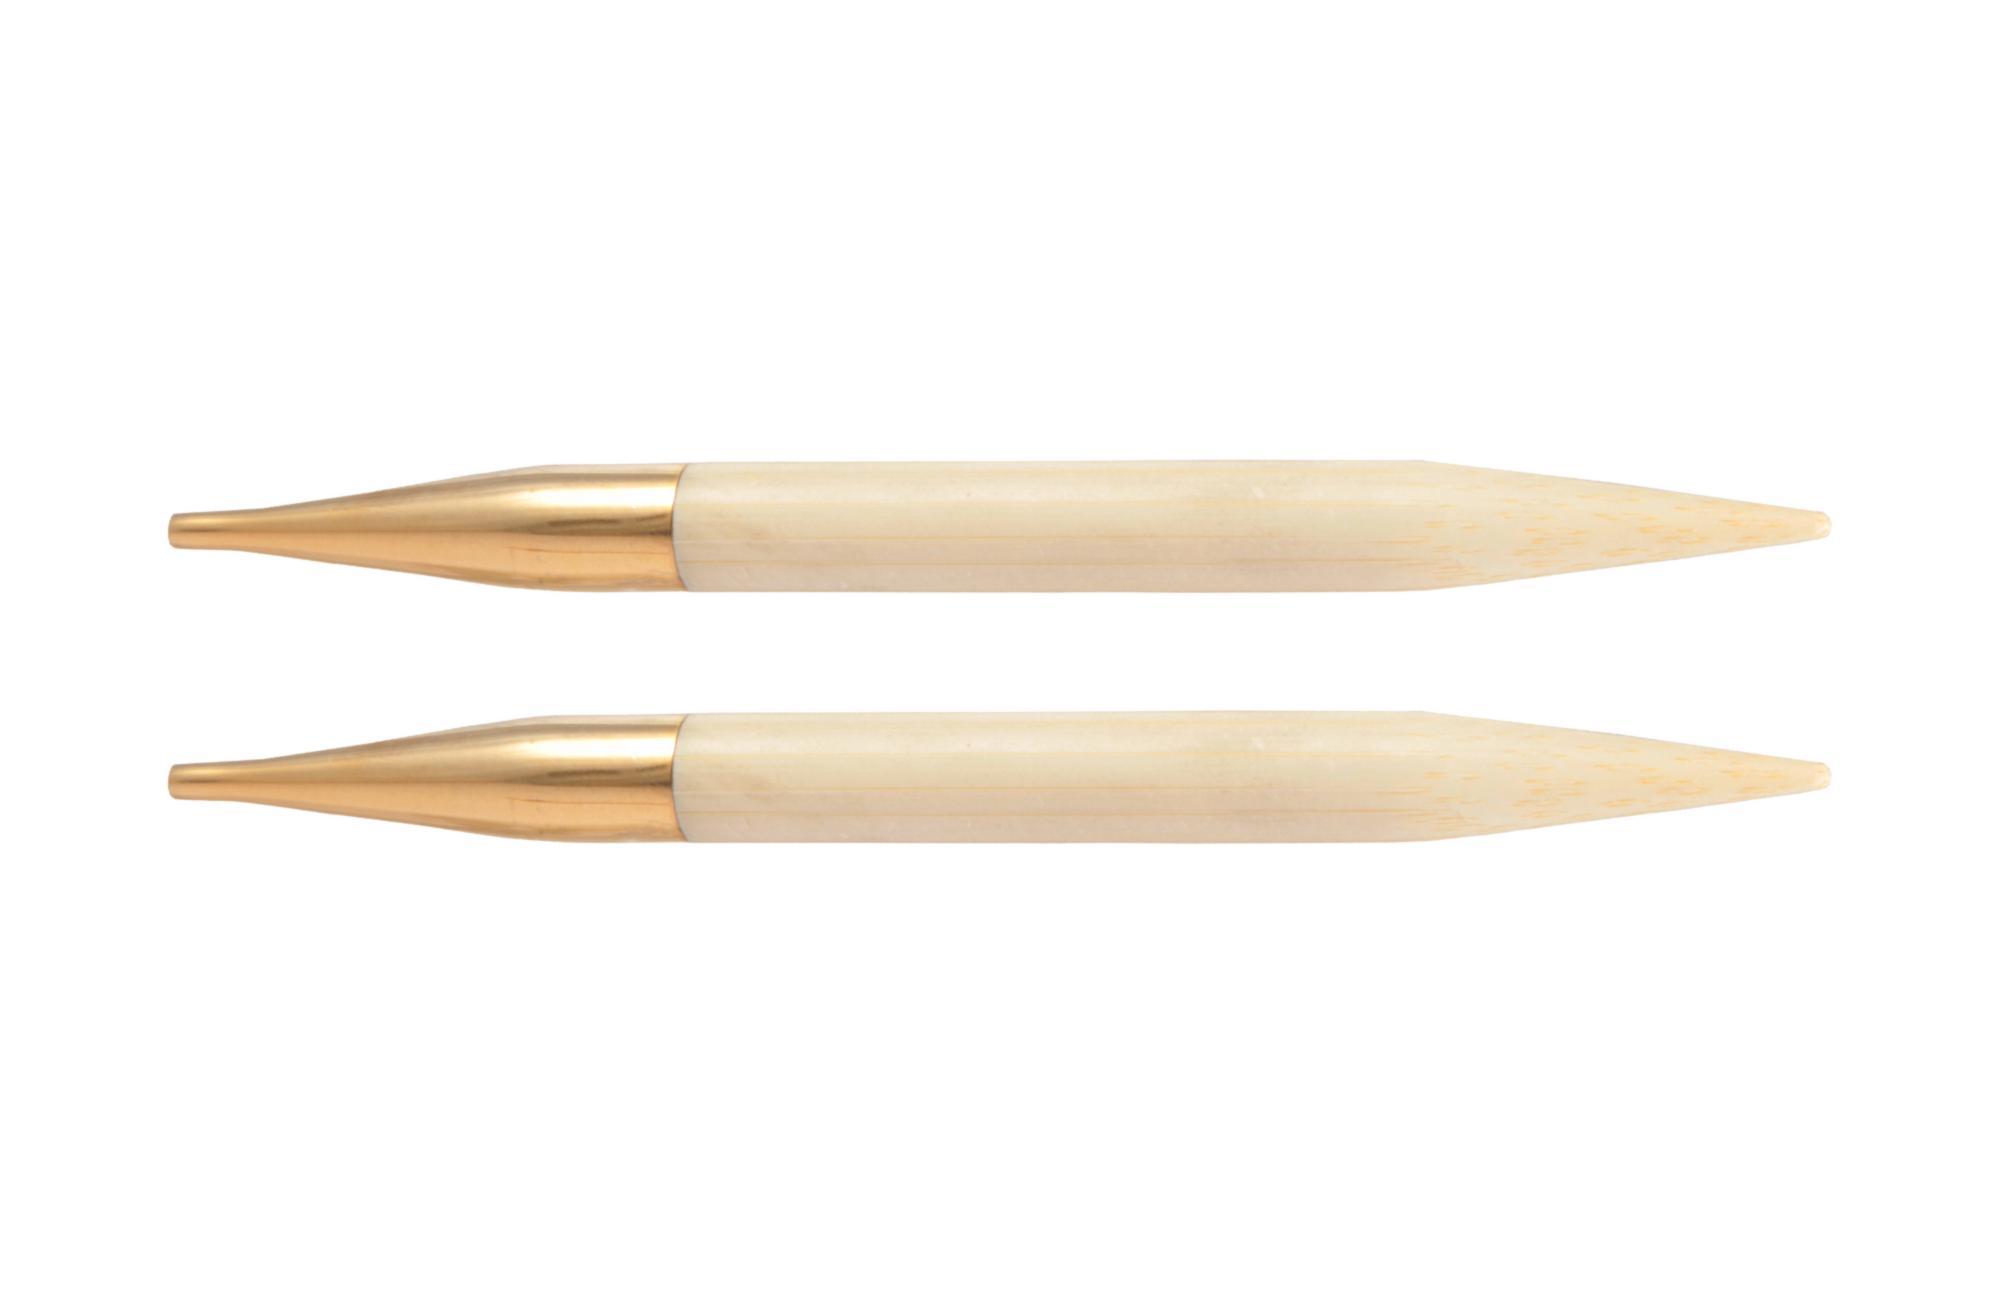 Спицы съёмные Bamboo KnitPro, 22402, 3.75 мм